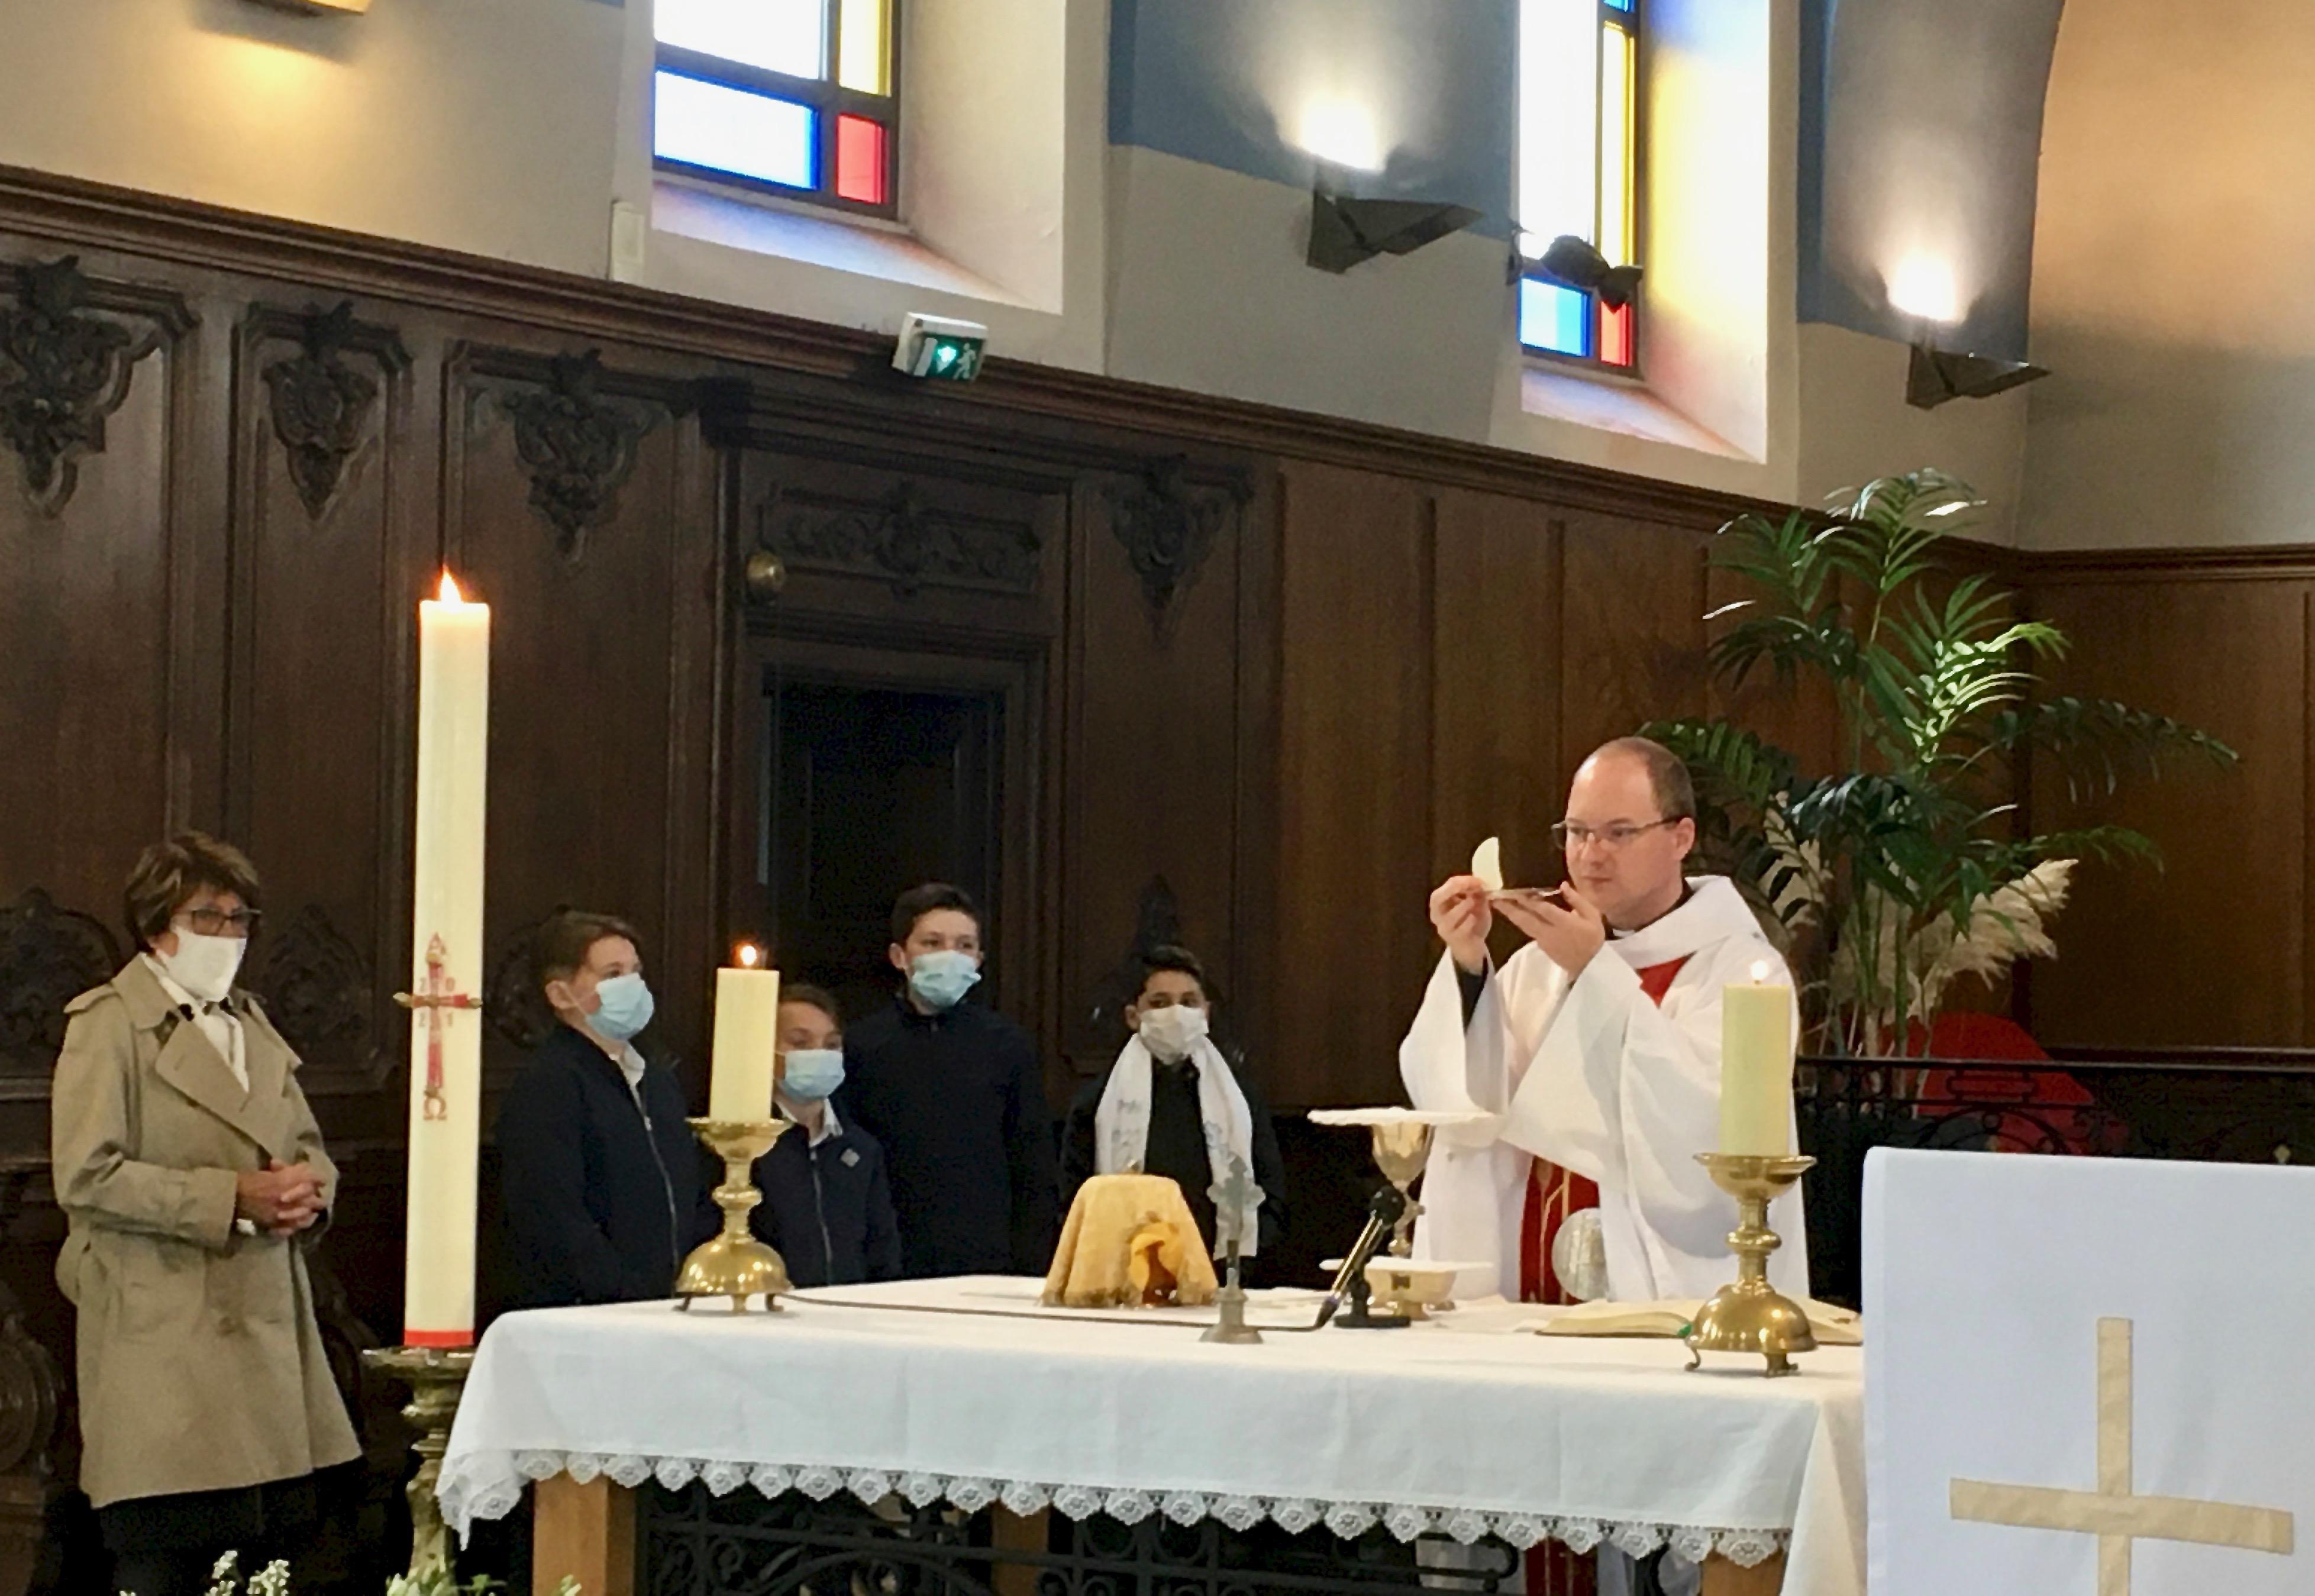 1eres communions Batellerie 1er mai 2021 7